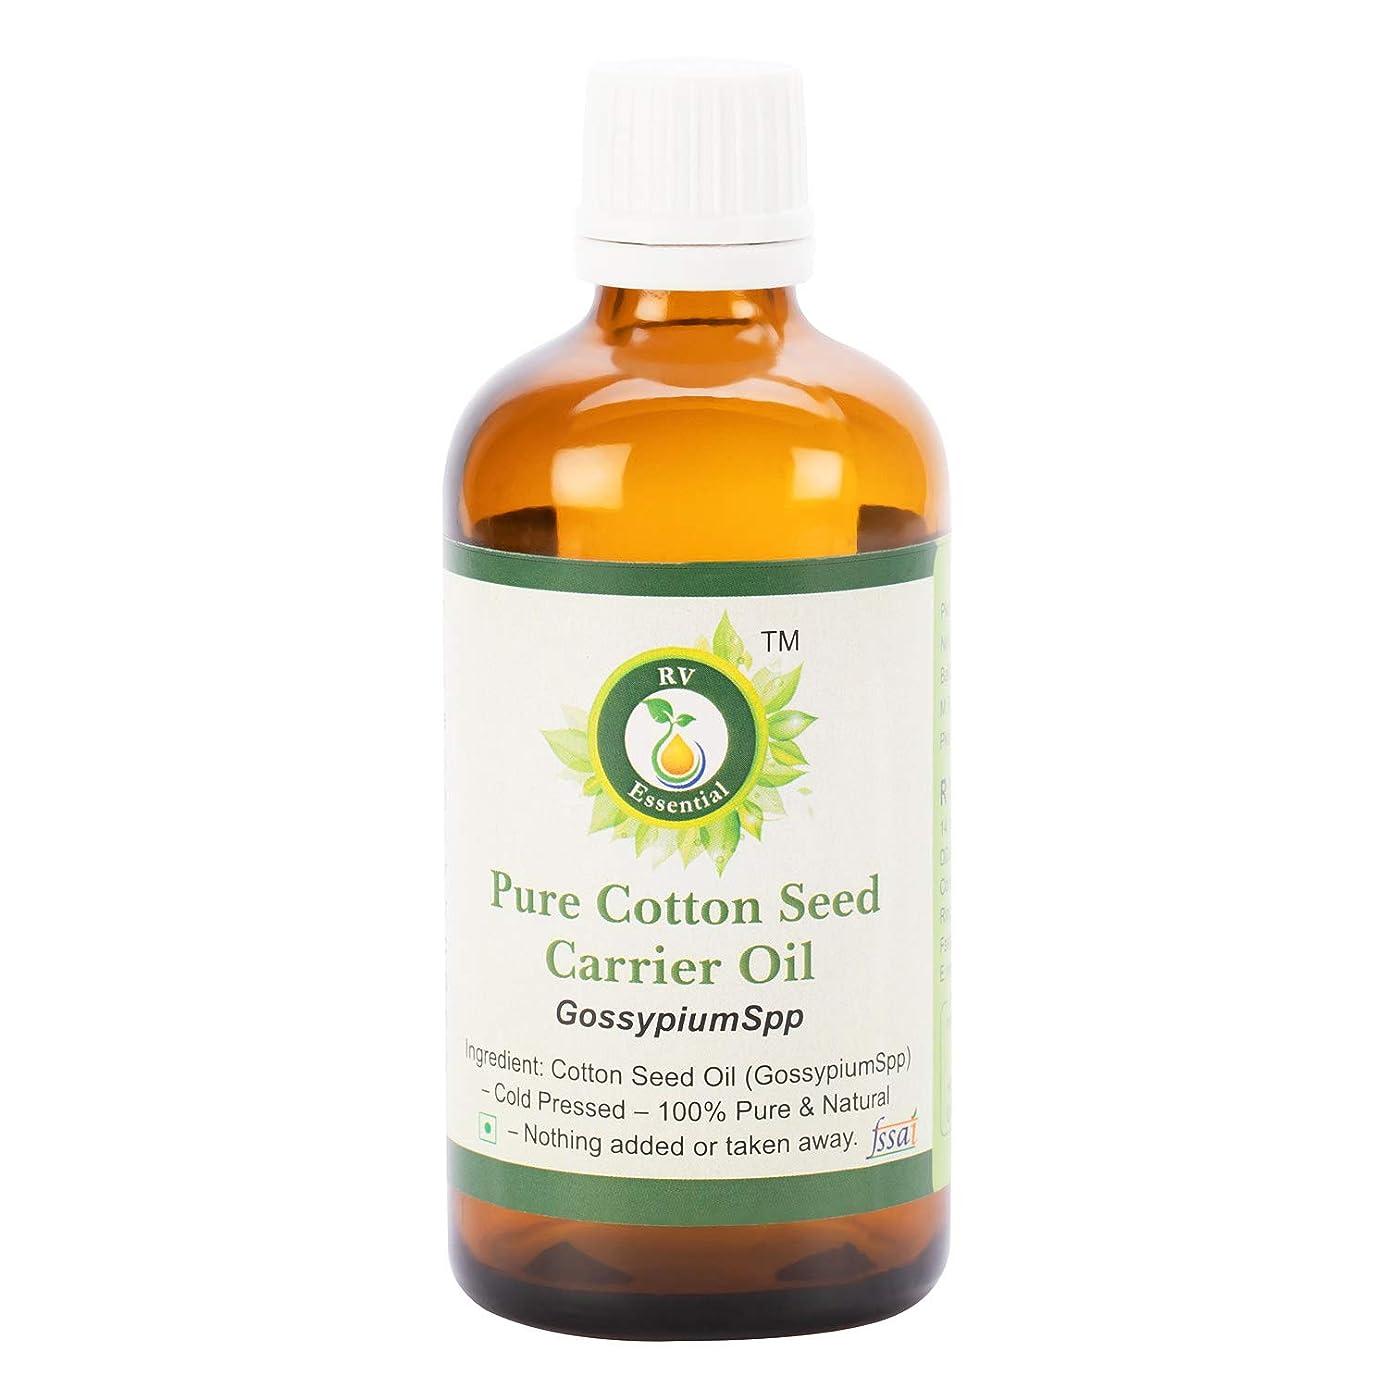 ディンカルビルブレス地雷原R V Essential 純粋な綿の種子キャリアオイル10ml (0.338oz)- Gossypium Spp (100%ピュア&ナチュラルコールドPressed) Pure Cotton Seed Carrier Oil